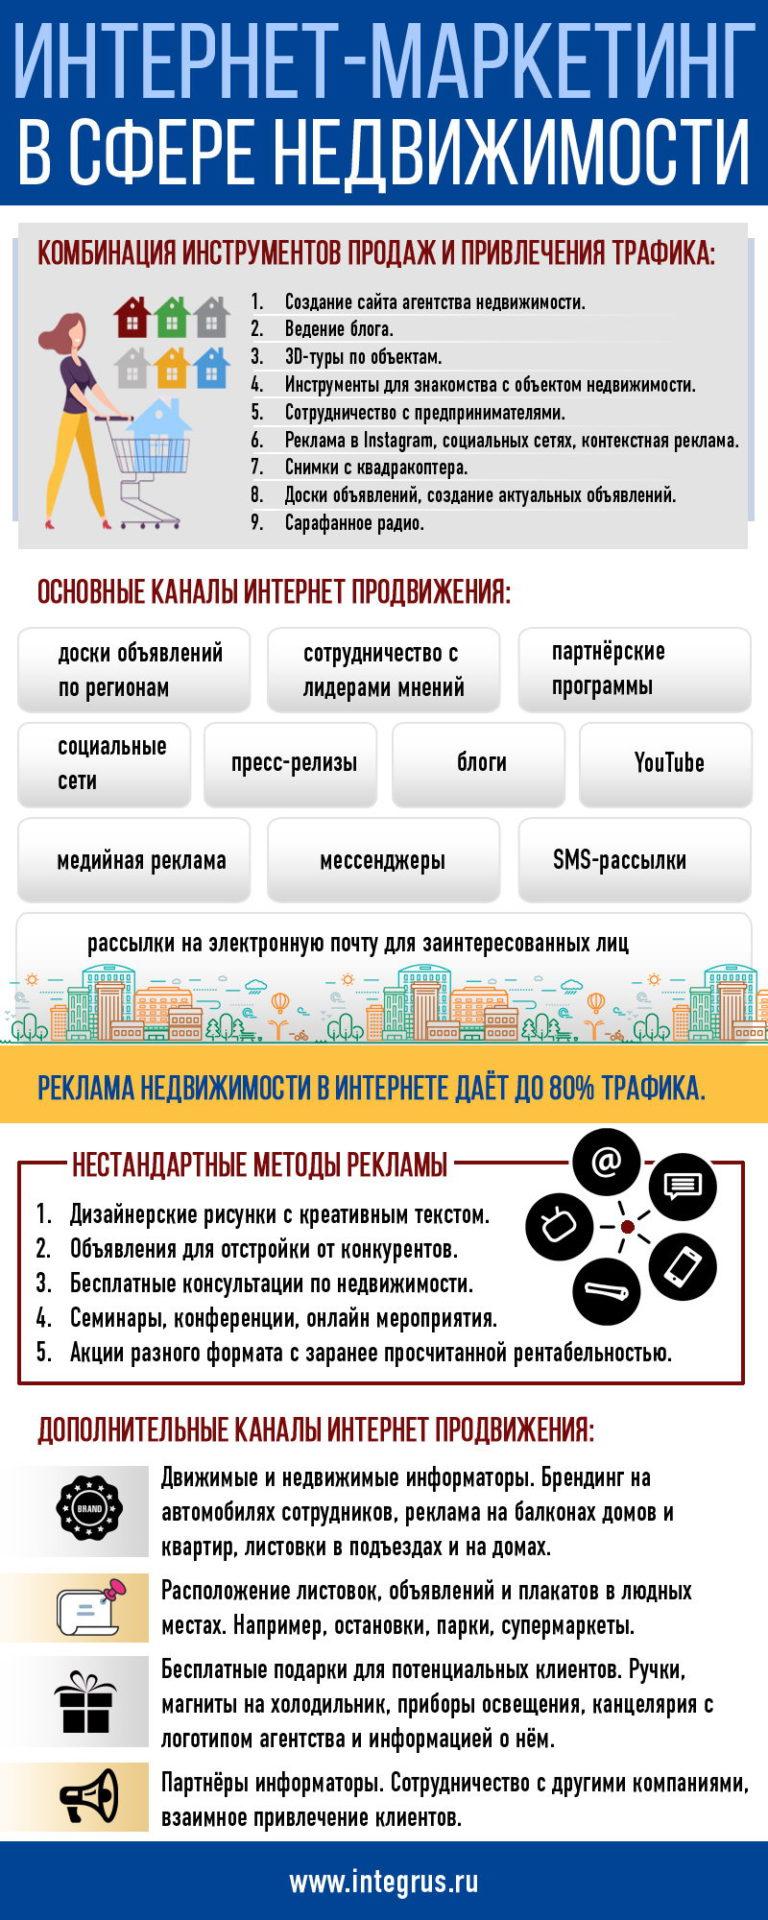 Интернет-маркетинг в сфере недвижимости